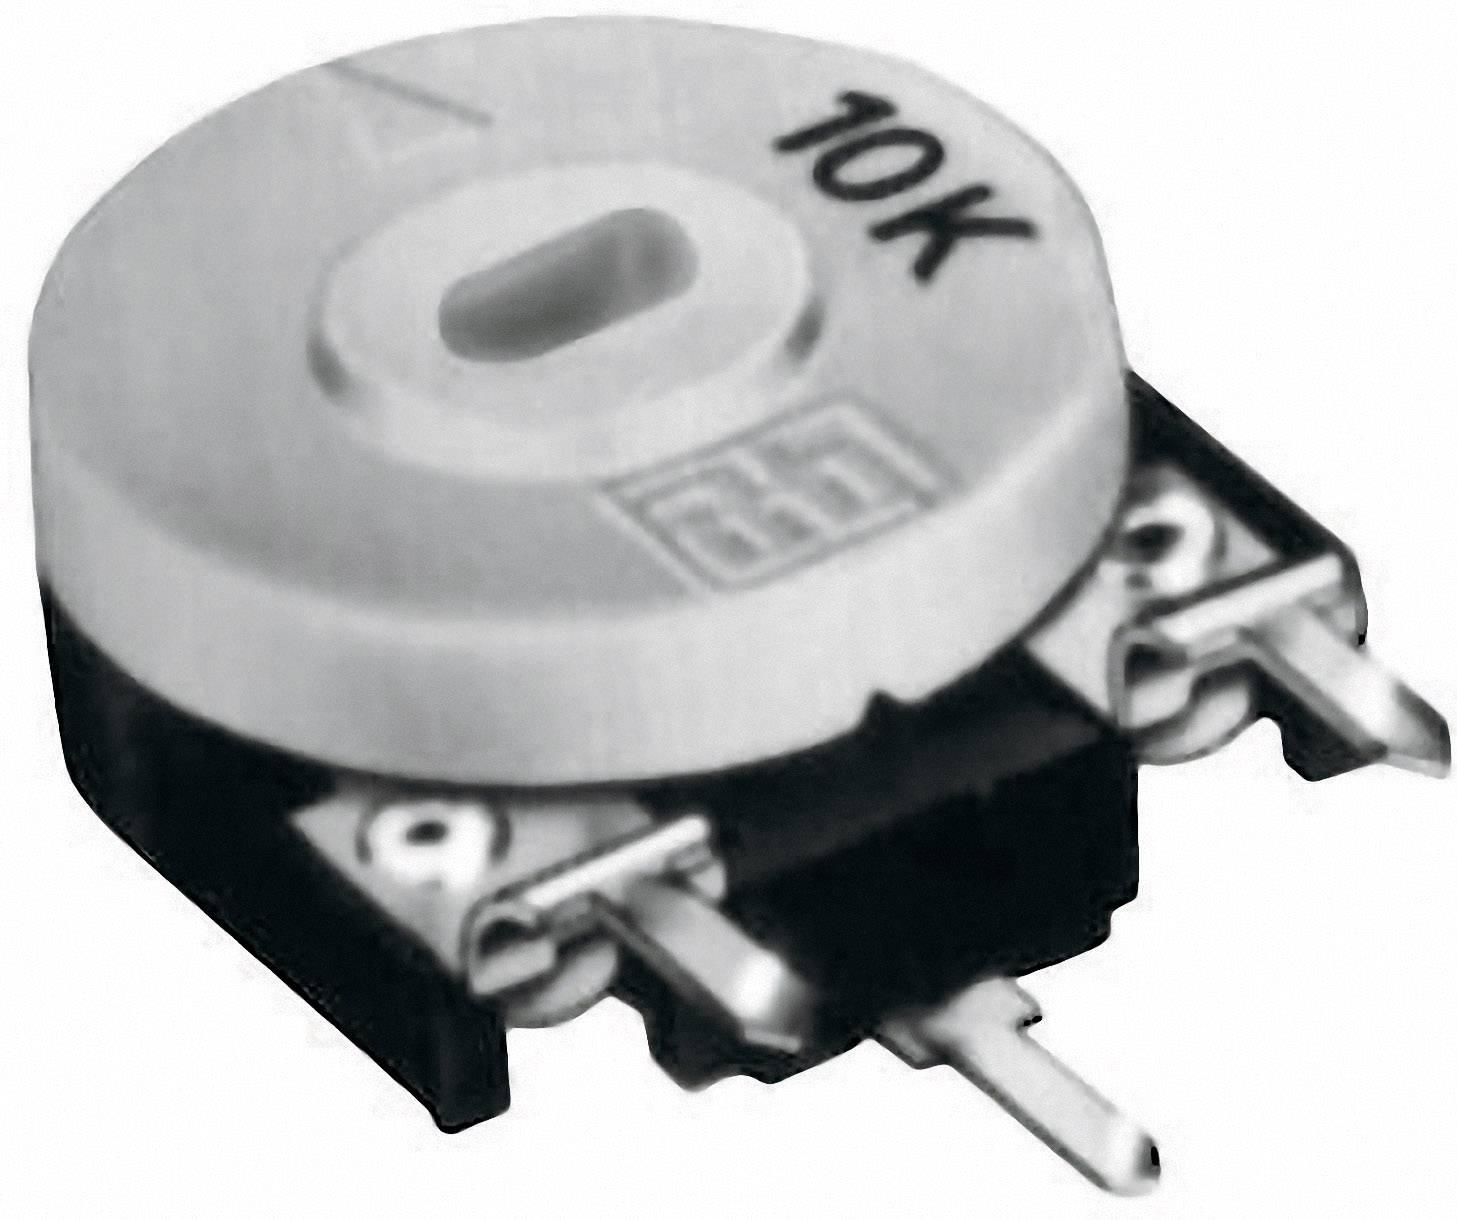 Uhlíkový trimer TT Electronics AB 21554805, lineárny, 1 MOhm, 0.15 W, 1 ks